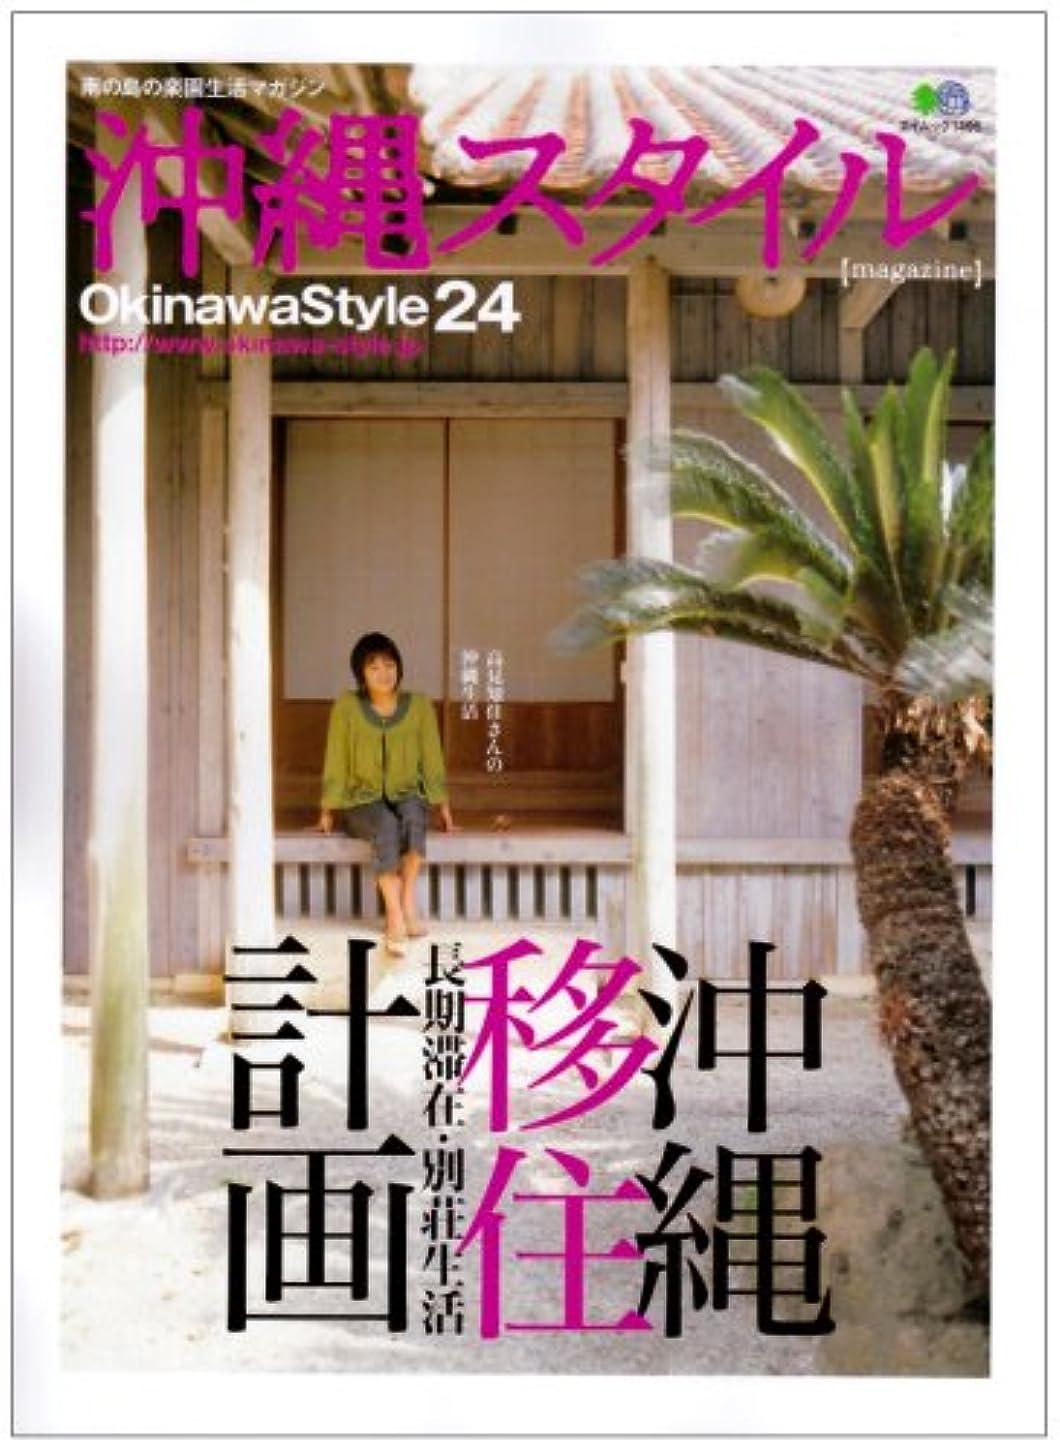 走る春タンパク質沖縄スタイル24 (エイムック 1495)